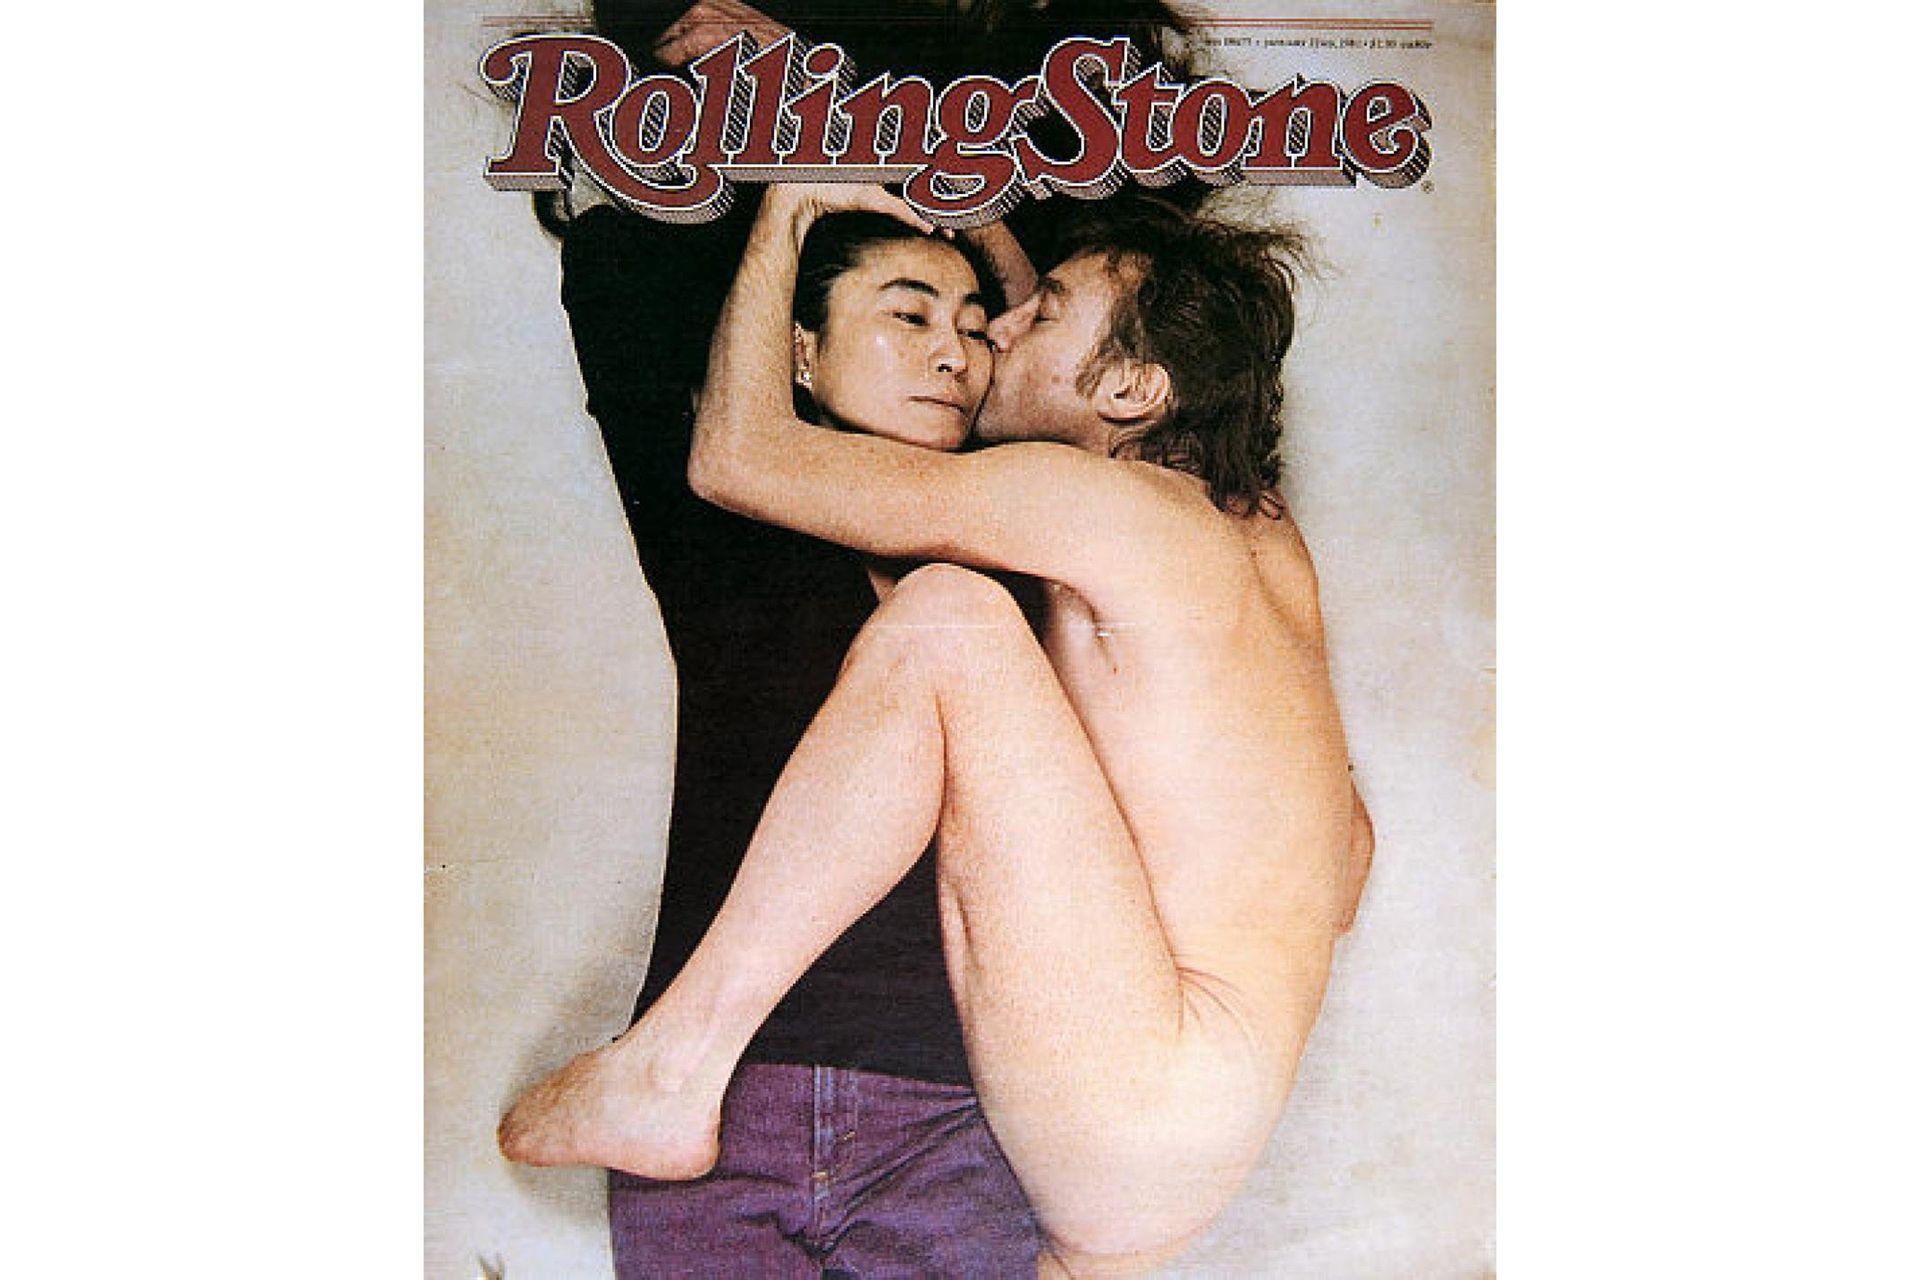 La tapa de Rolling Stone de enero de 1981 con la icónica foto de Annie Leibovitz